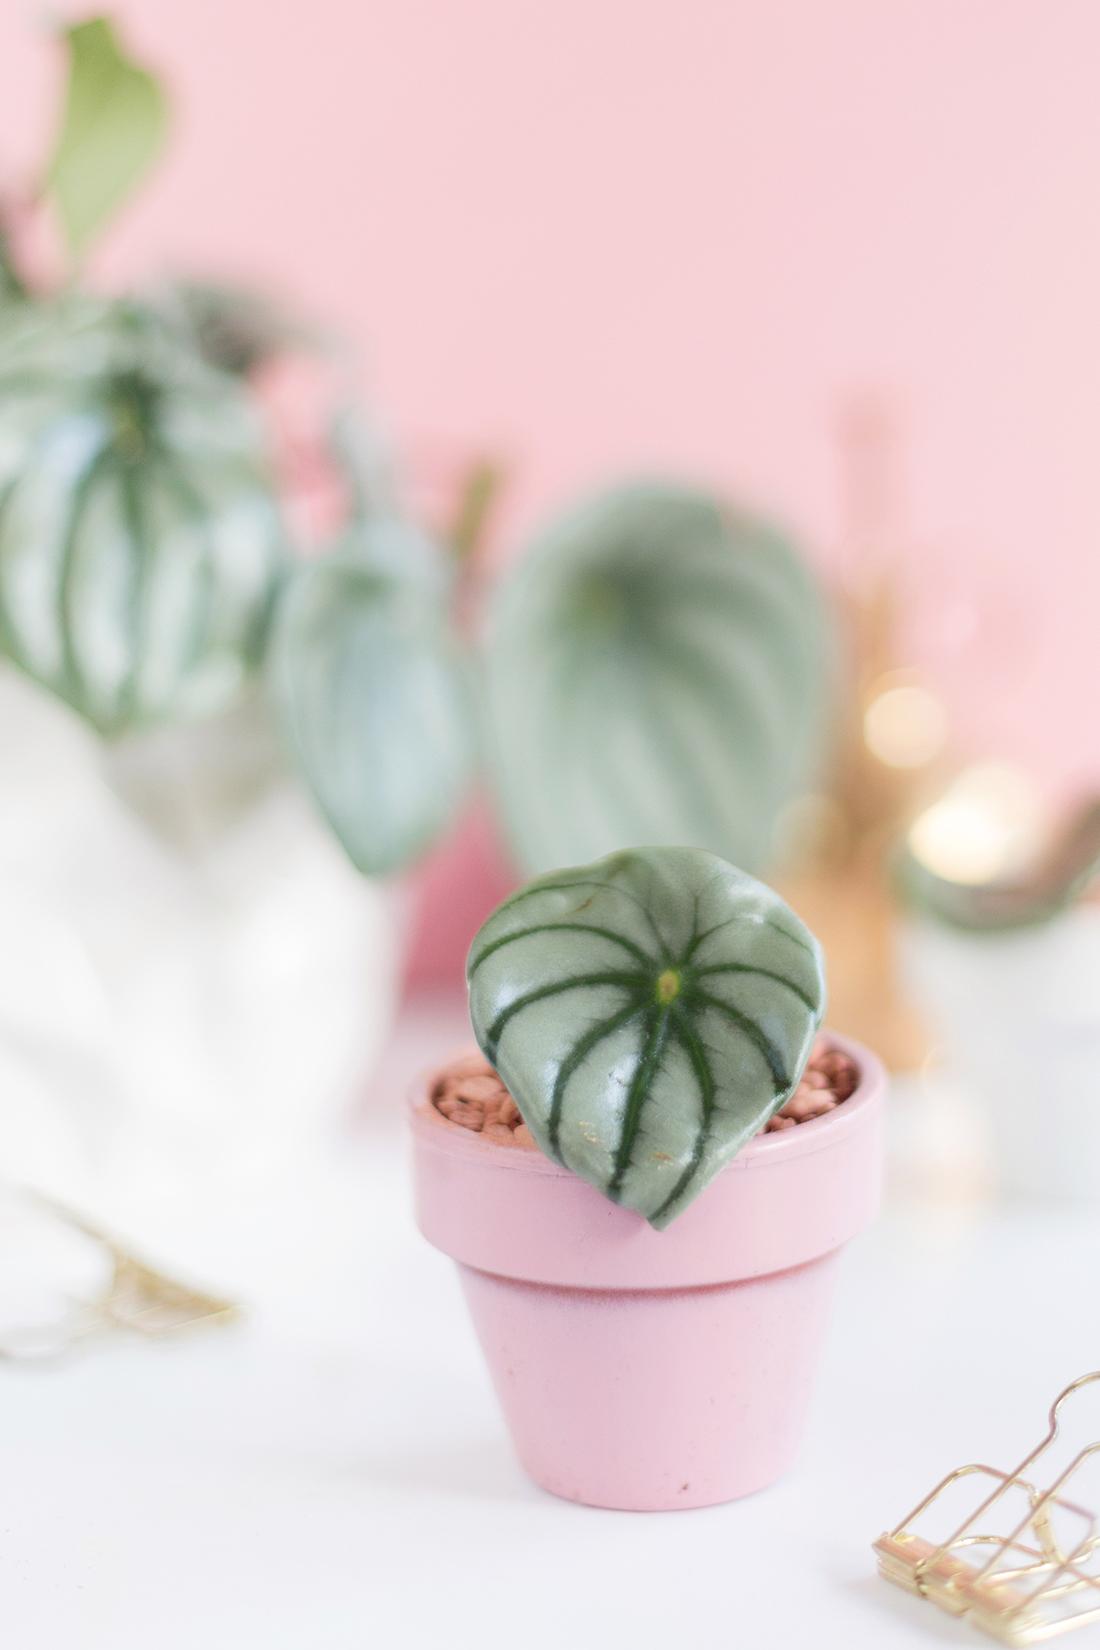 DIY Pflanzenliebe: Watermelon Peperomia vermehren & pflegen